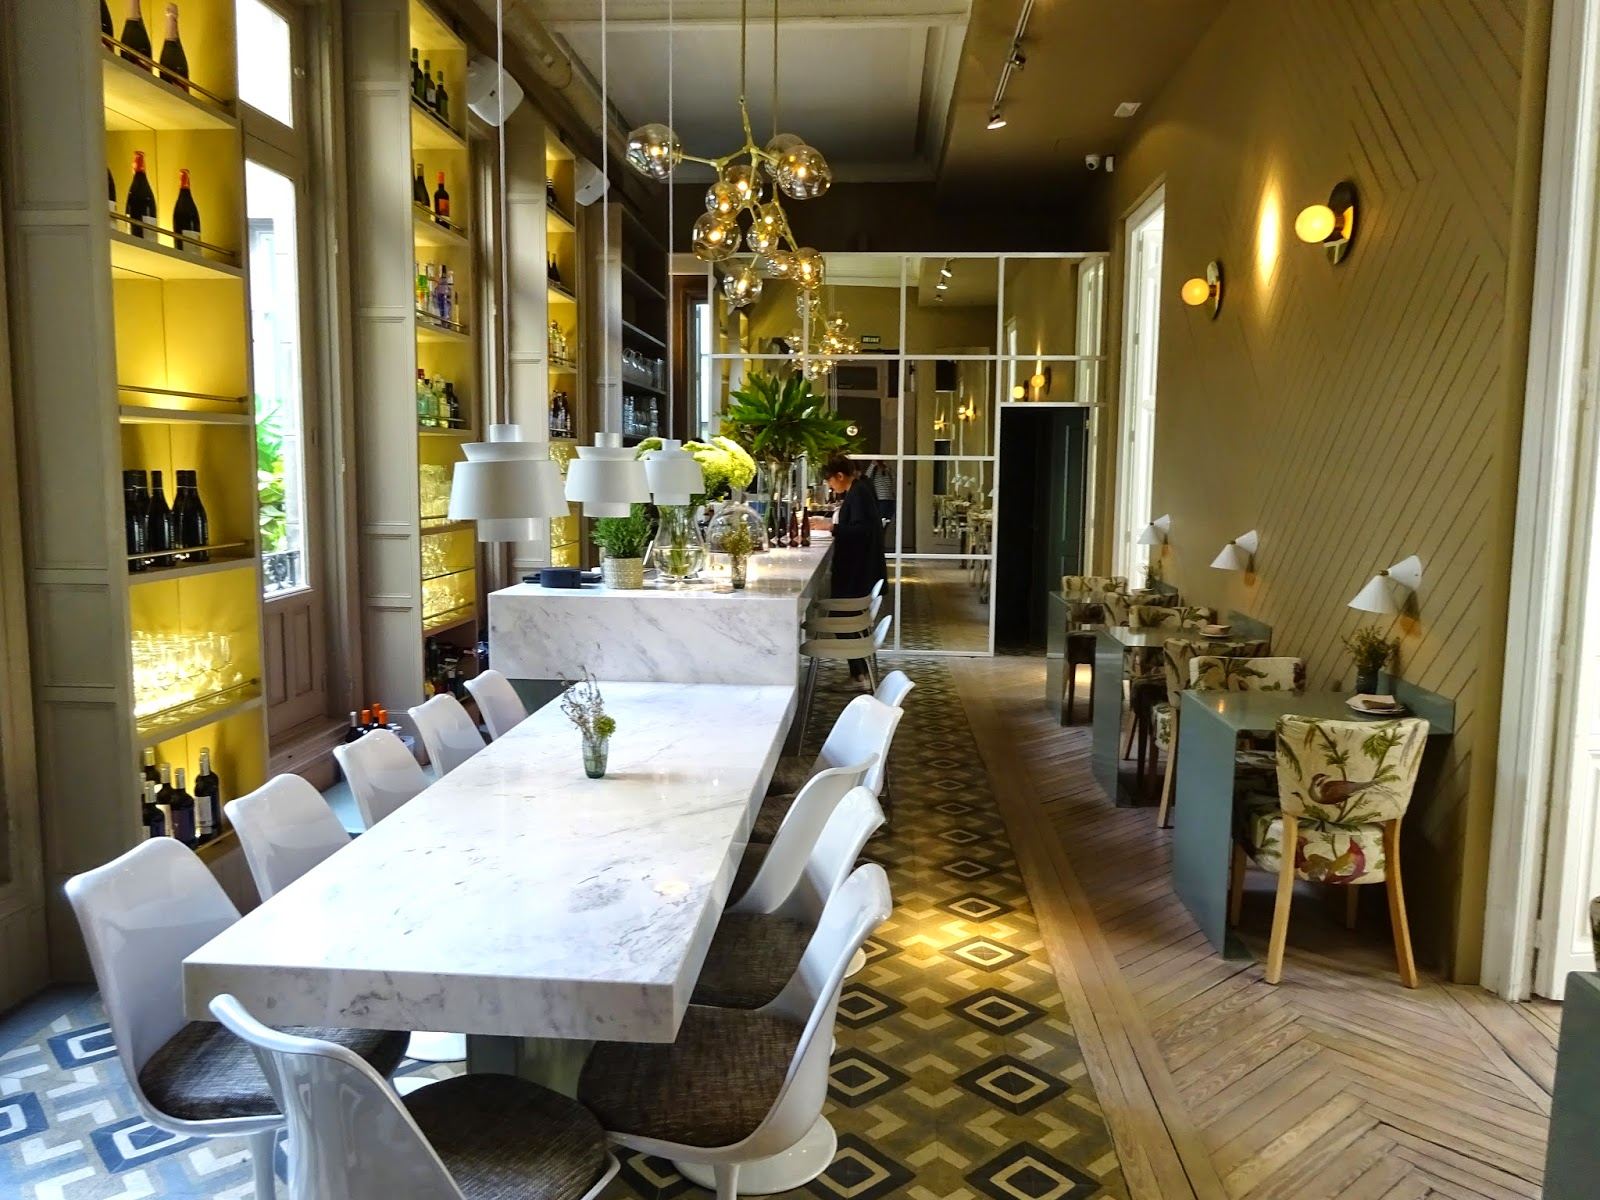 Estamostendenciados el imparcial restaurante cultura y - Restaurante tamara madrid ...